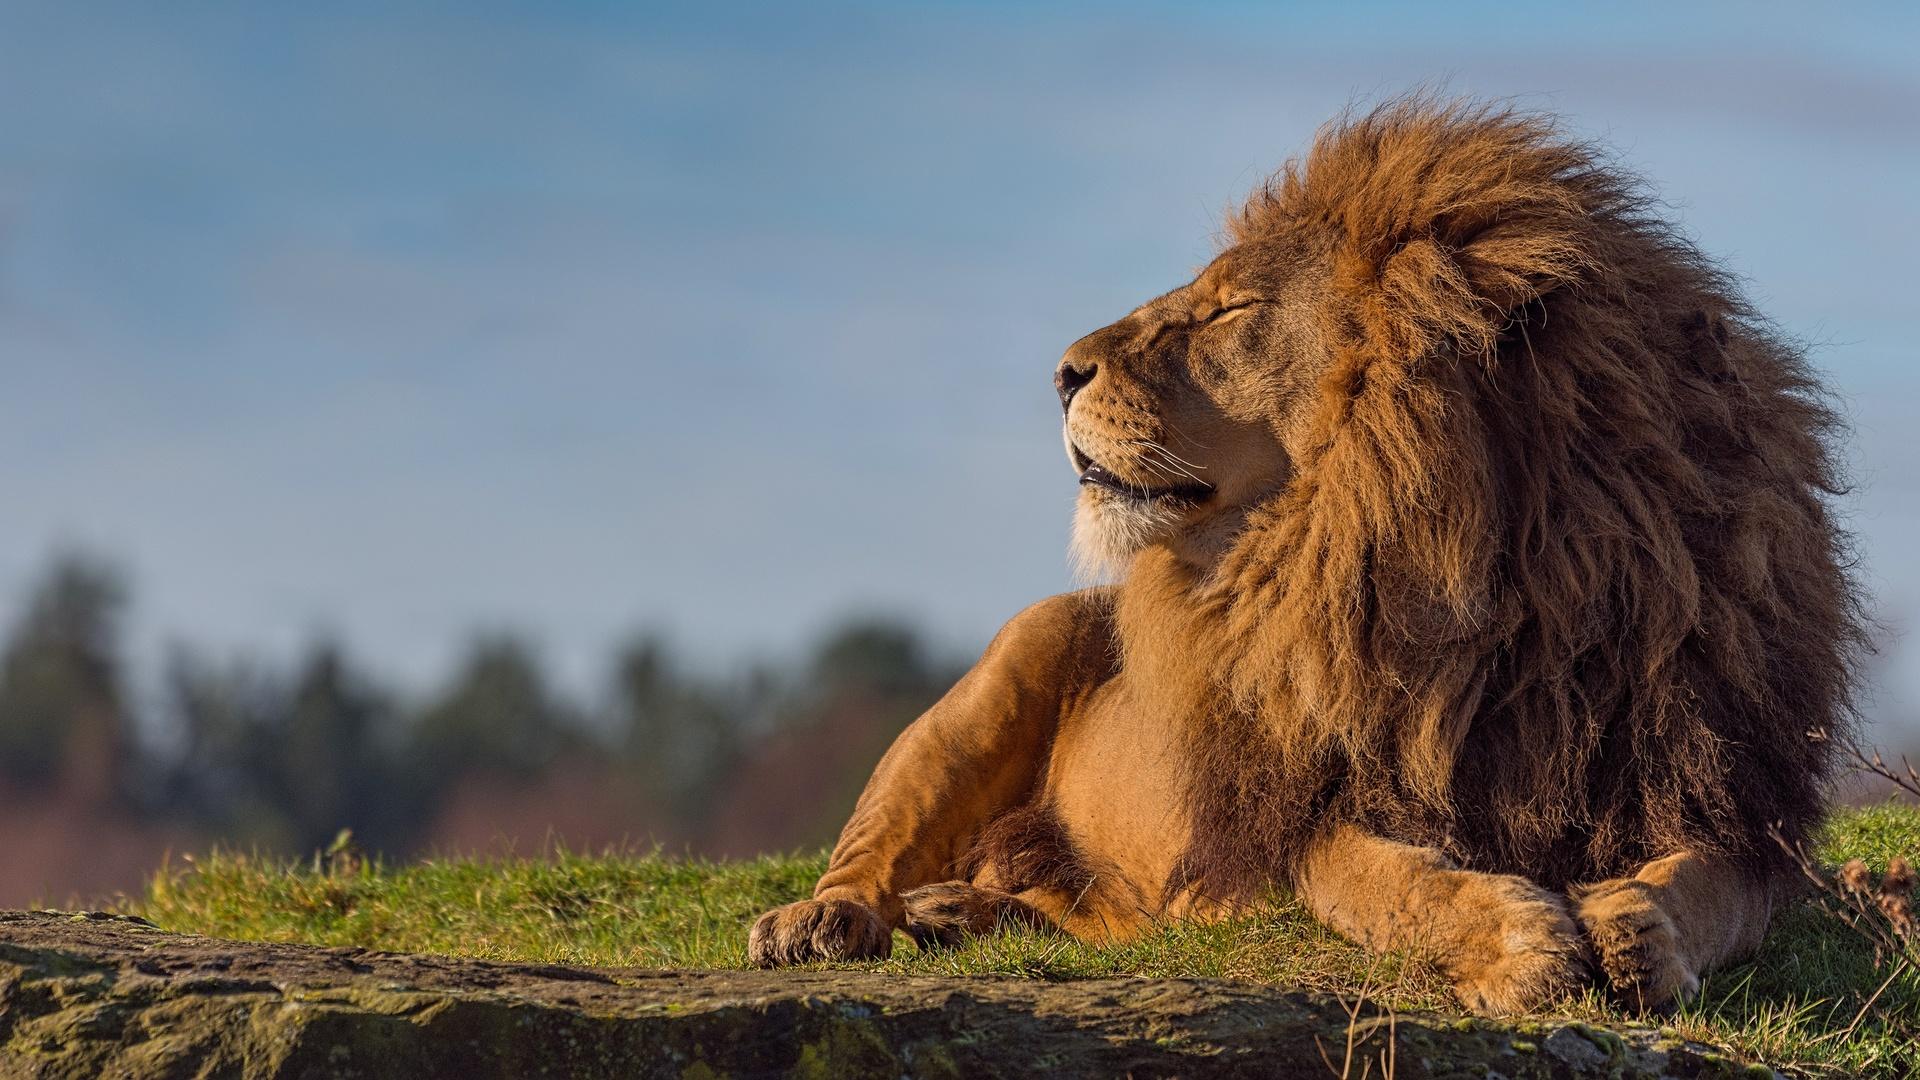 лев потрепанный картинка